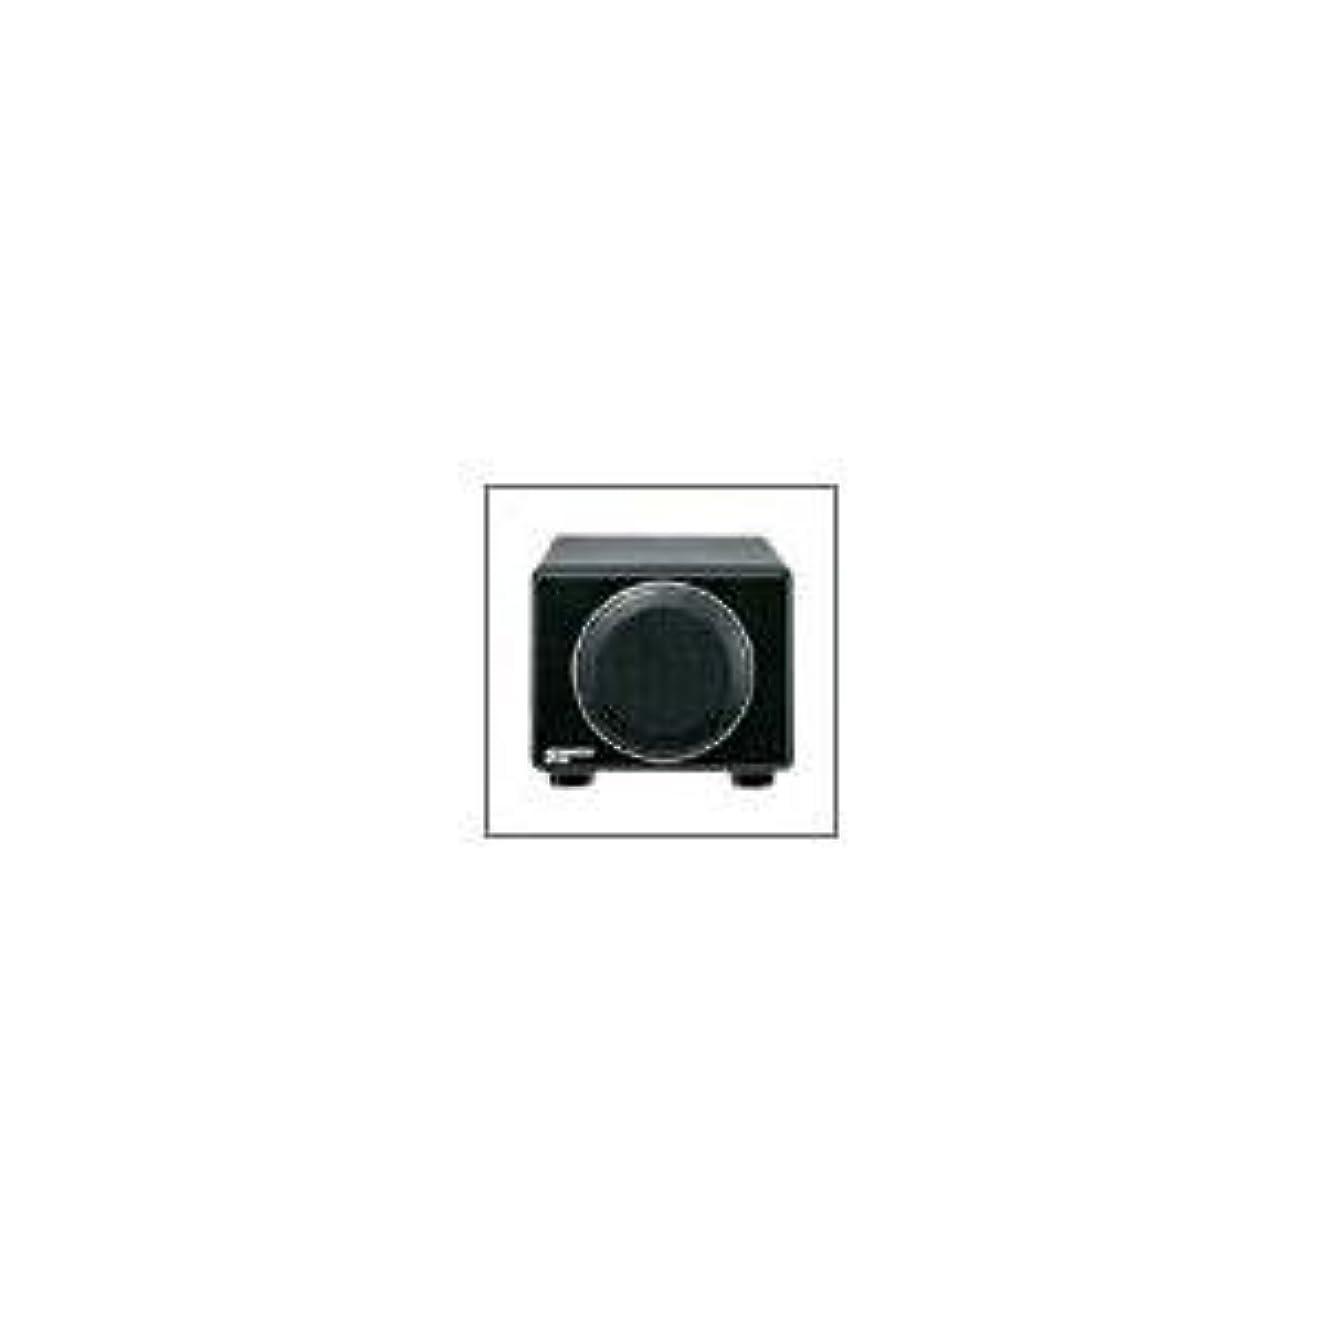 トラフ性別なくなるワイヤレススピーカー Bluetooth3.0 ステレオスピーカー phoniq フォニック/ブラック